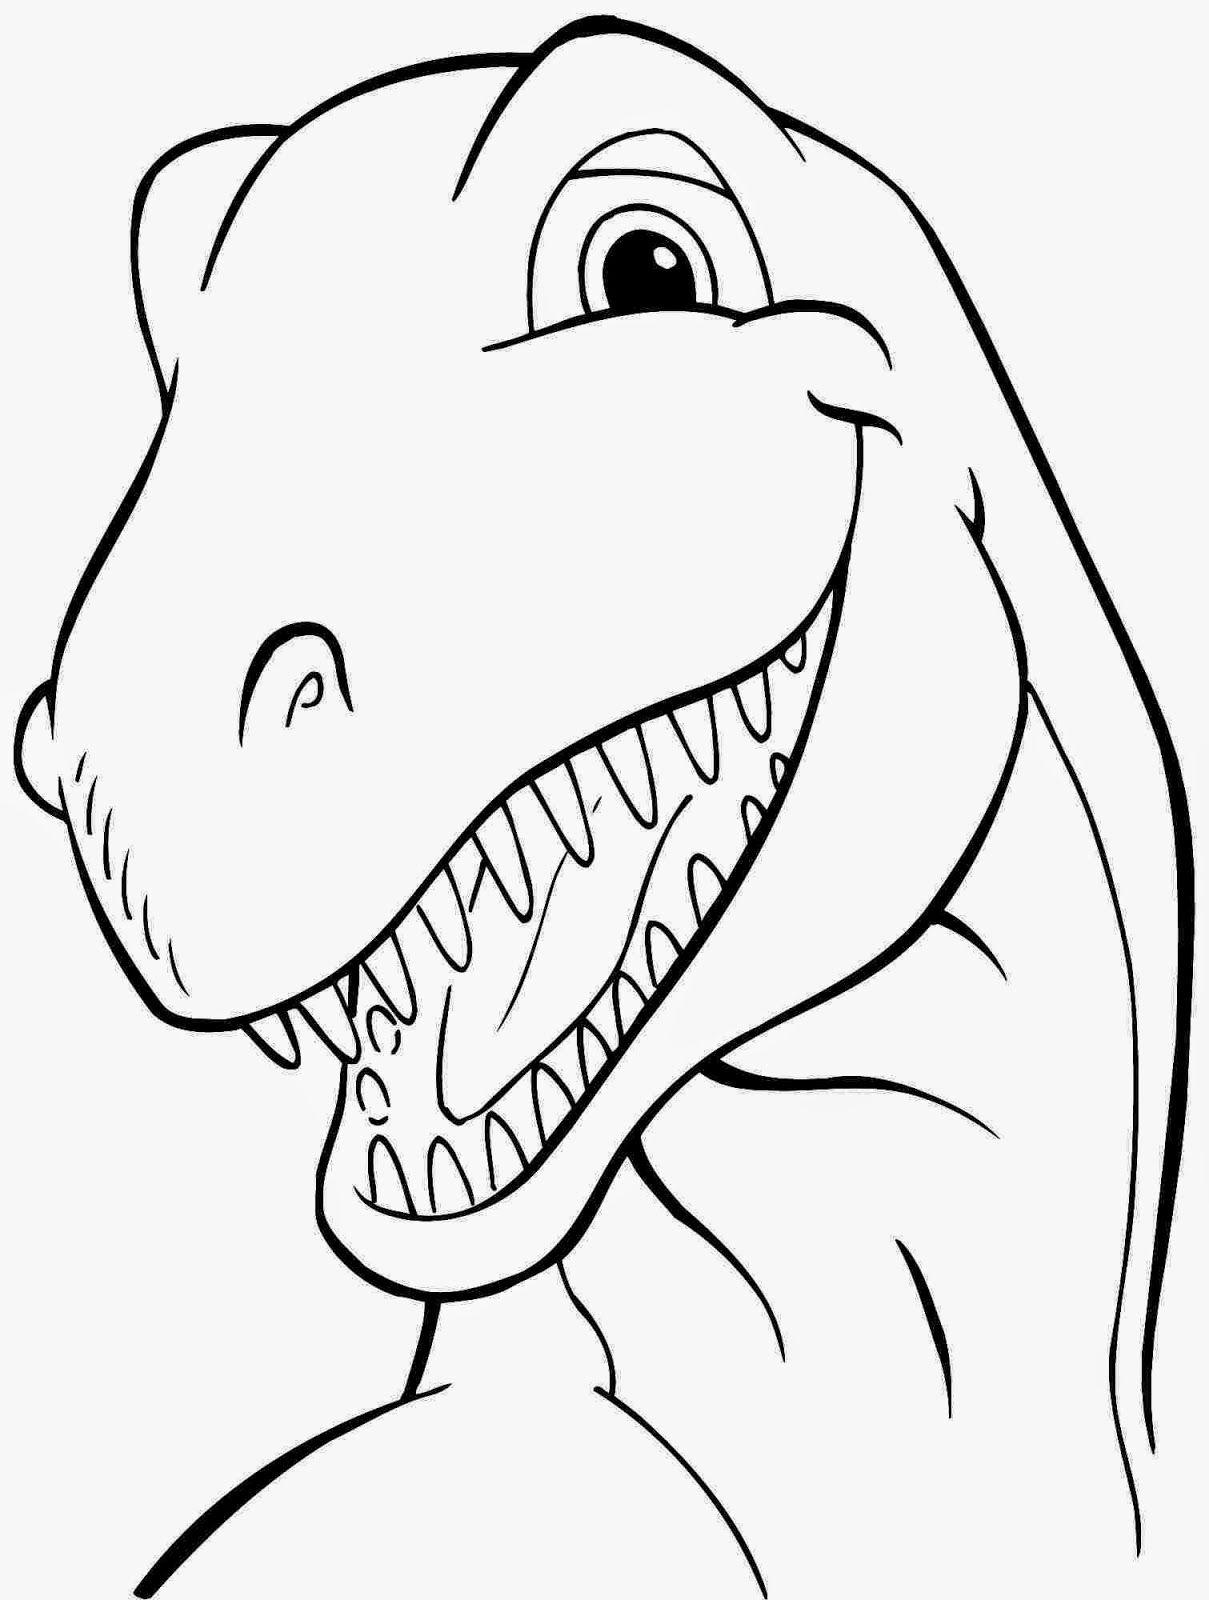 Coloring Pages Dinosaur Free Printable Coloring Pages Dinosaur Coloring Pages Dinosaur Coloring Sheets Dinosaur Coloring